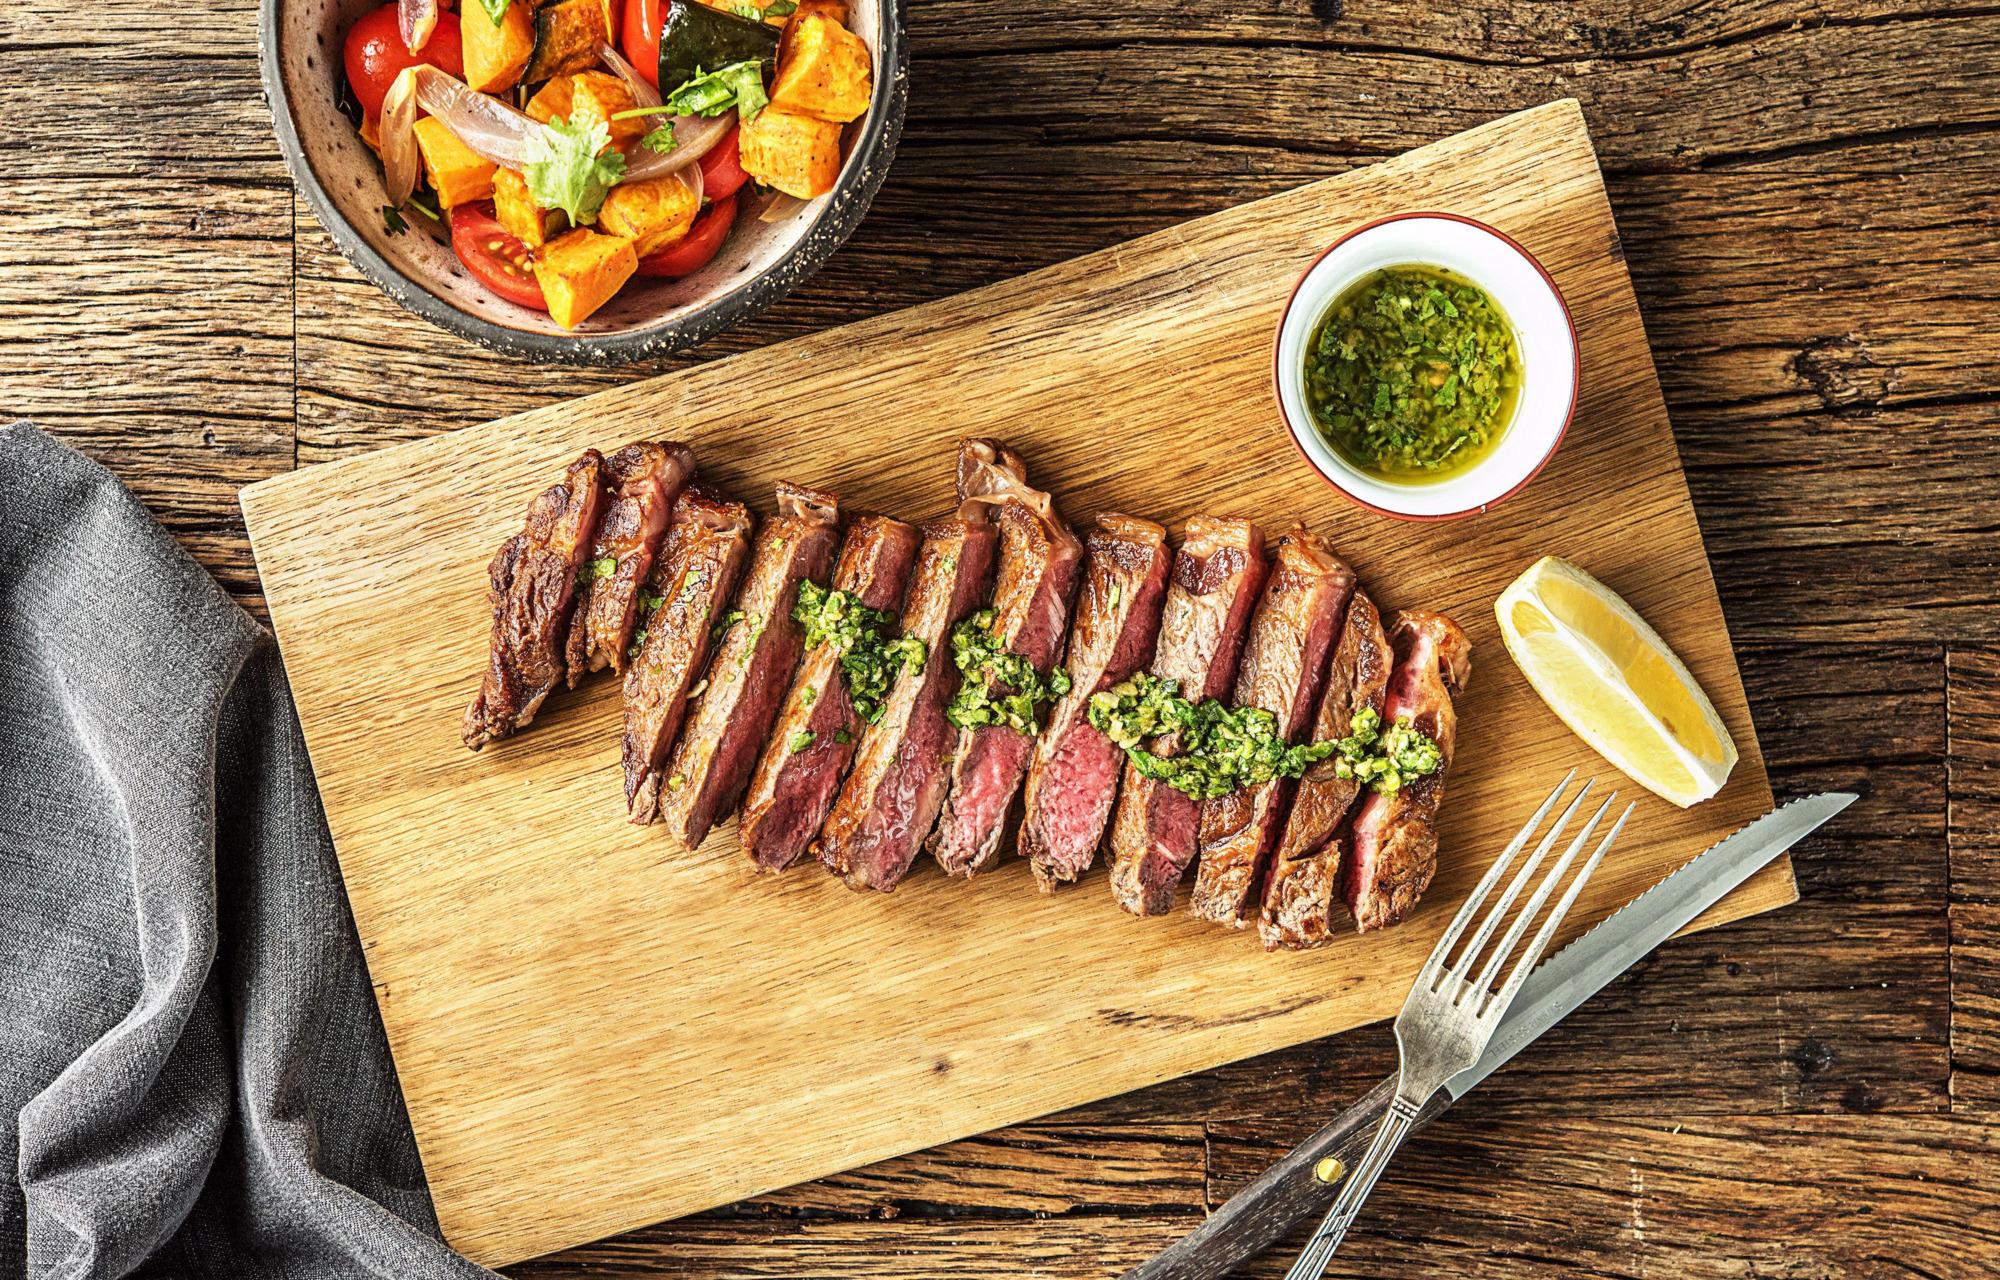 Соус к мясу: лучшие рецепты, в домашних условиях, простые    Мелко нарезанное мясо в соусе